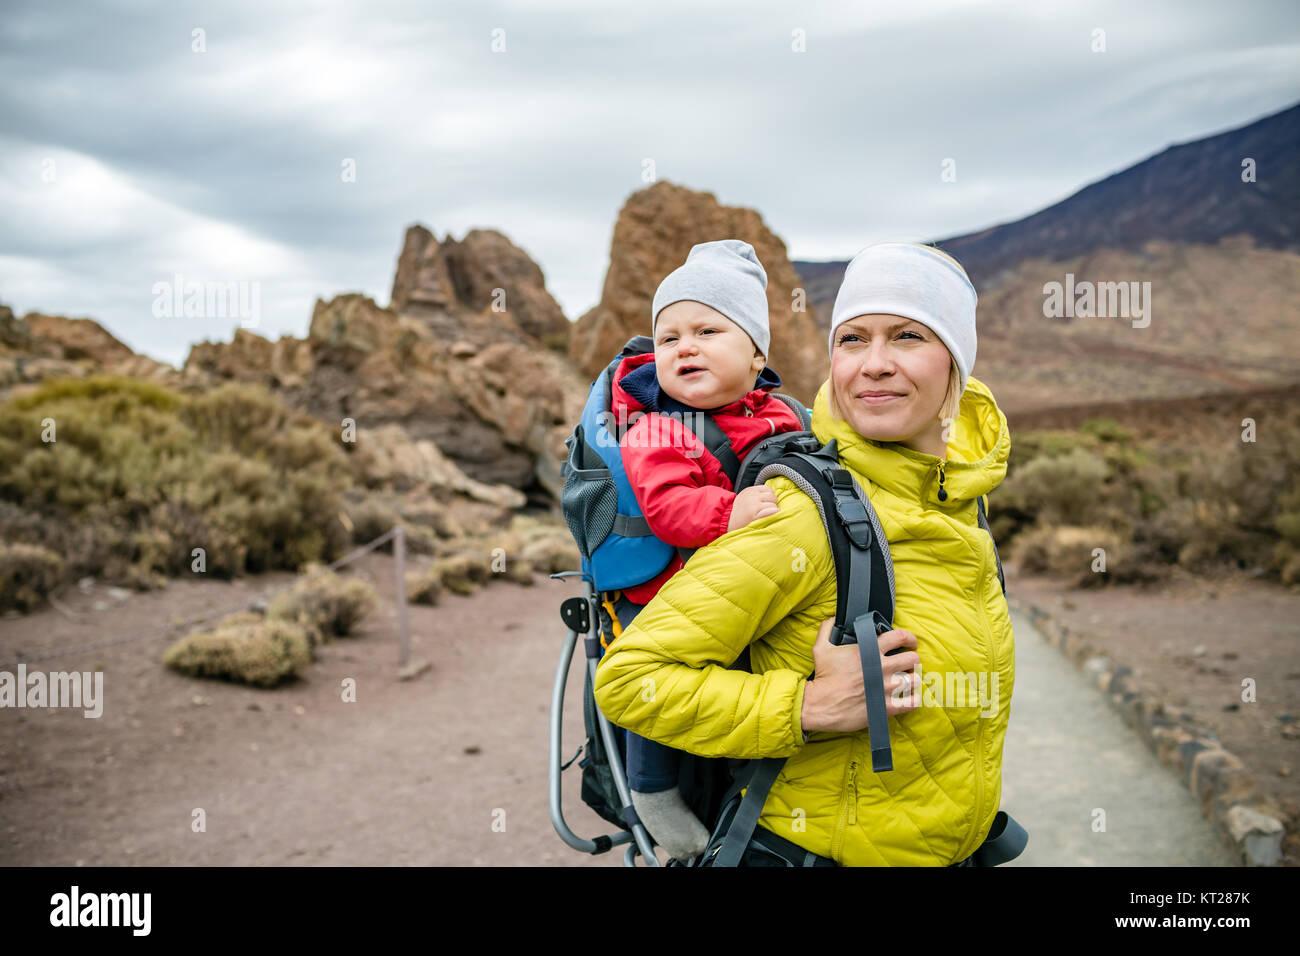 Super Mama mit Baby boy in Rucksack reisen. Mutter am Wandern Abenteuer mit Kind, Familie Urlaub in den Bergen. Stockbild